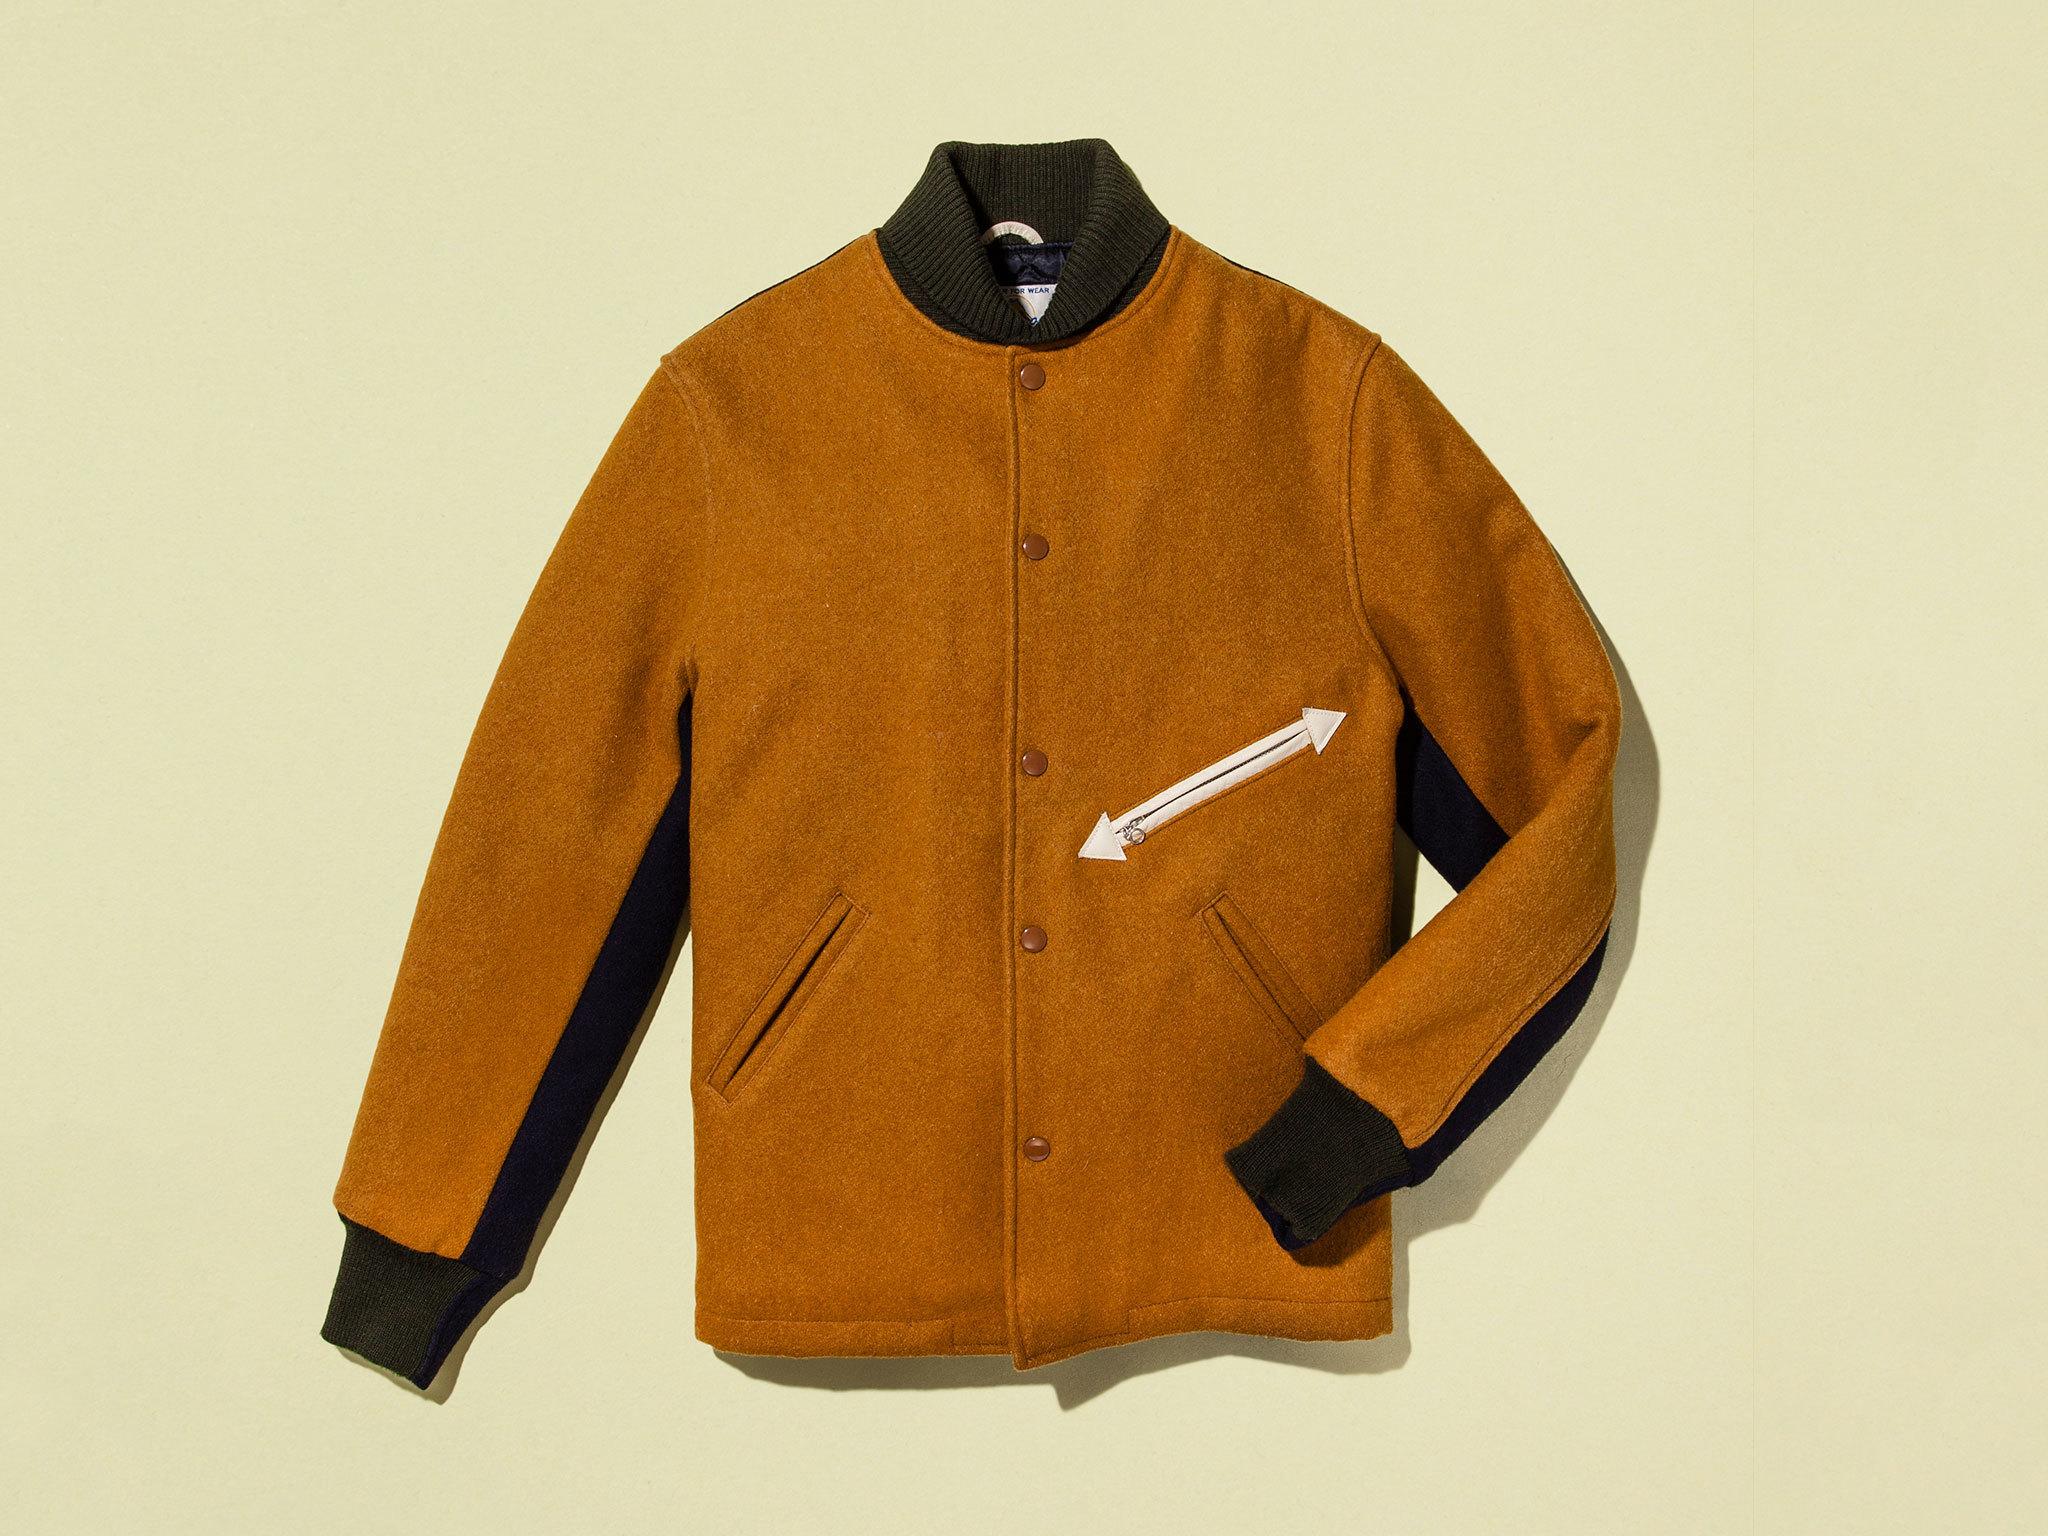 Stadium Jacket by Golden Bear X Garbstore